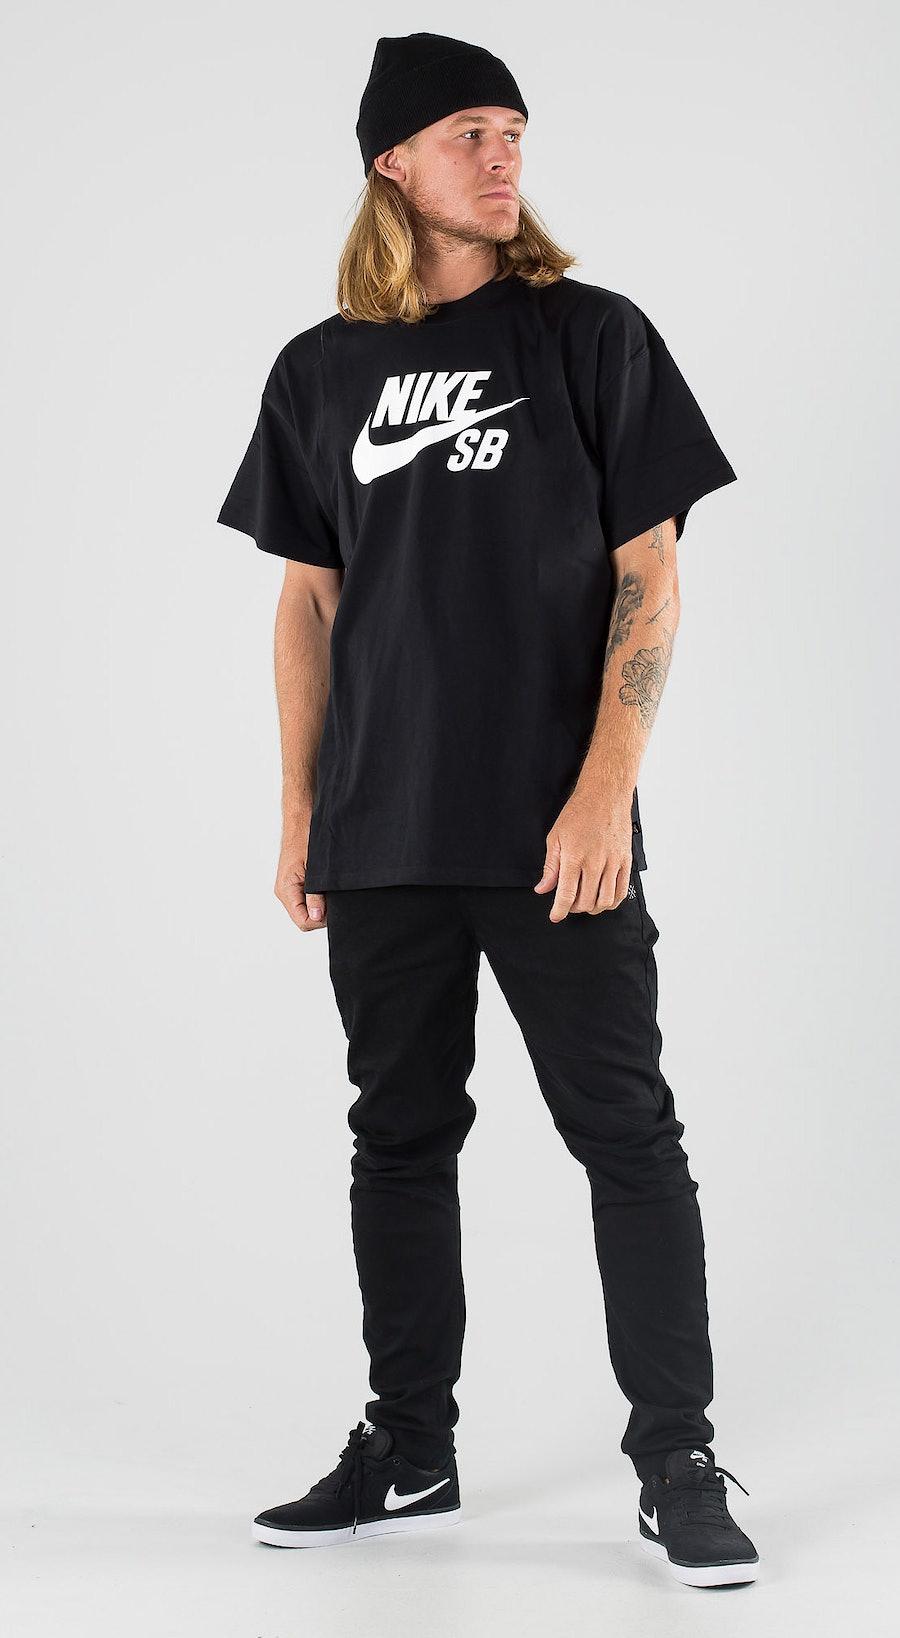 Nike SB Skate Tee Logo Black/White Outfit Multi